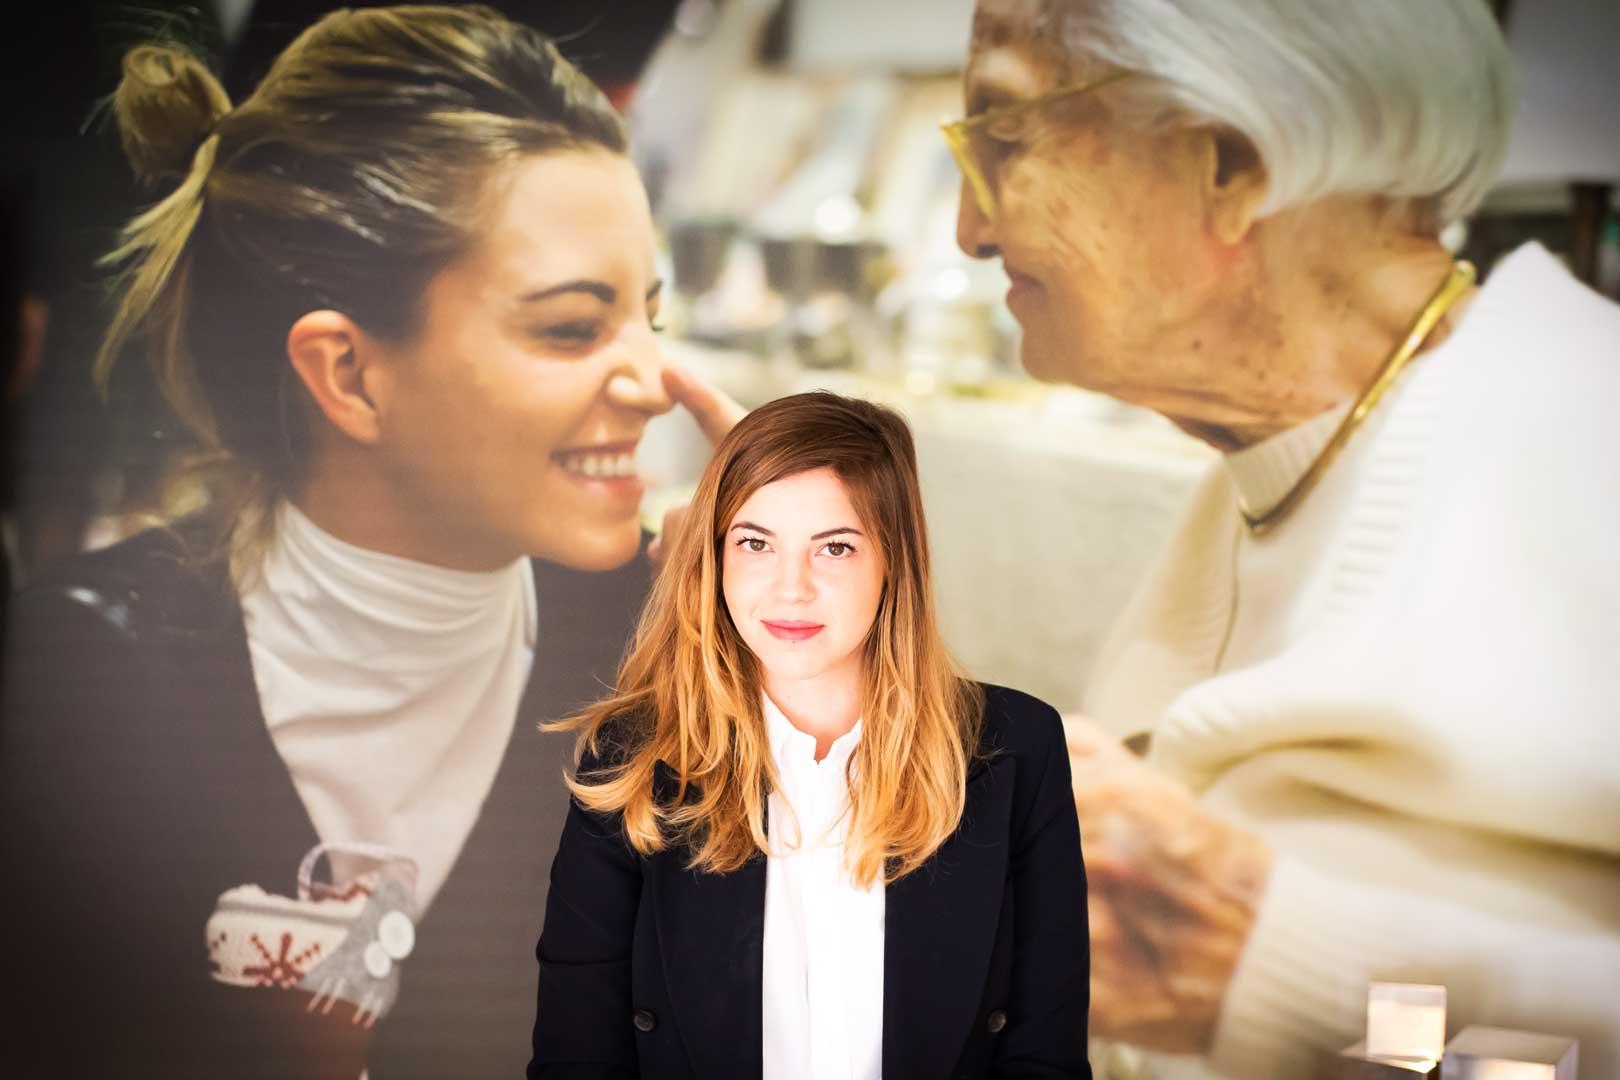 Una giovane milanese in prima linea per aiutare i malati inguaribili